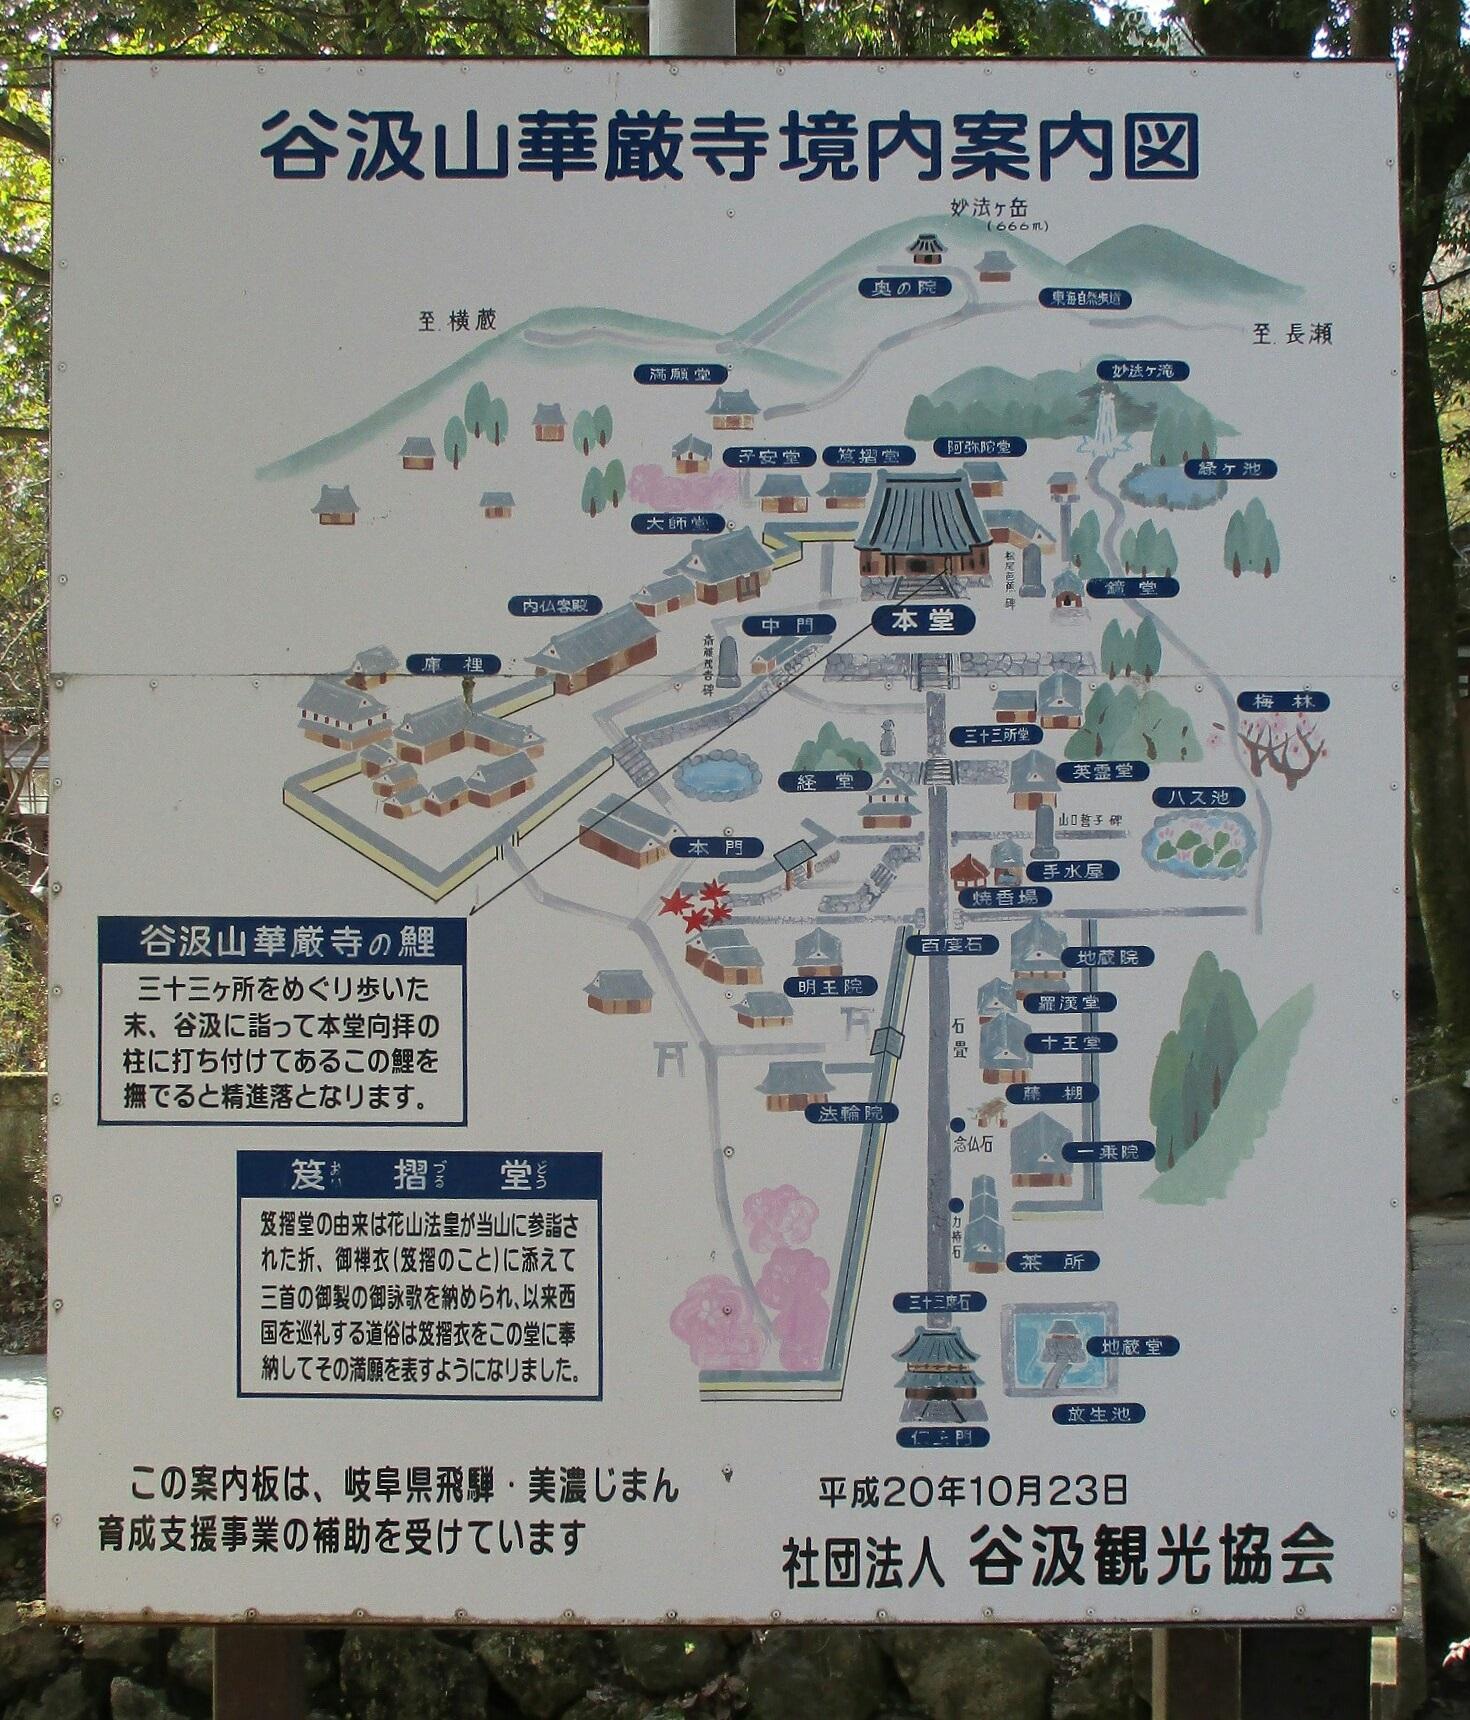 2019.3.1 (166-1) 谷汲山華厳寺 - 境内案内図 1470-1720